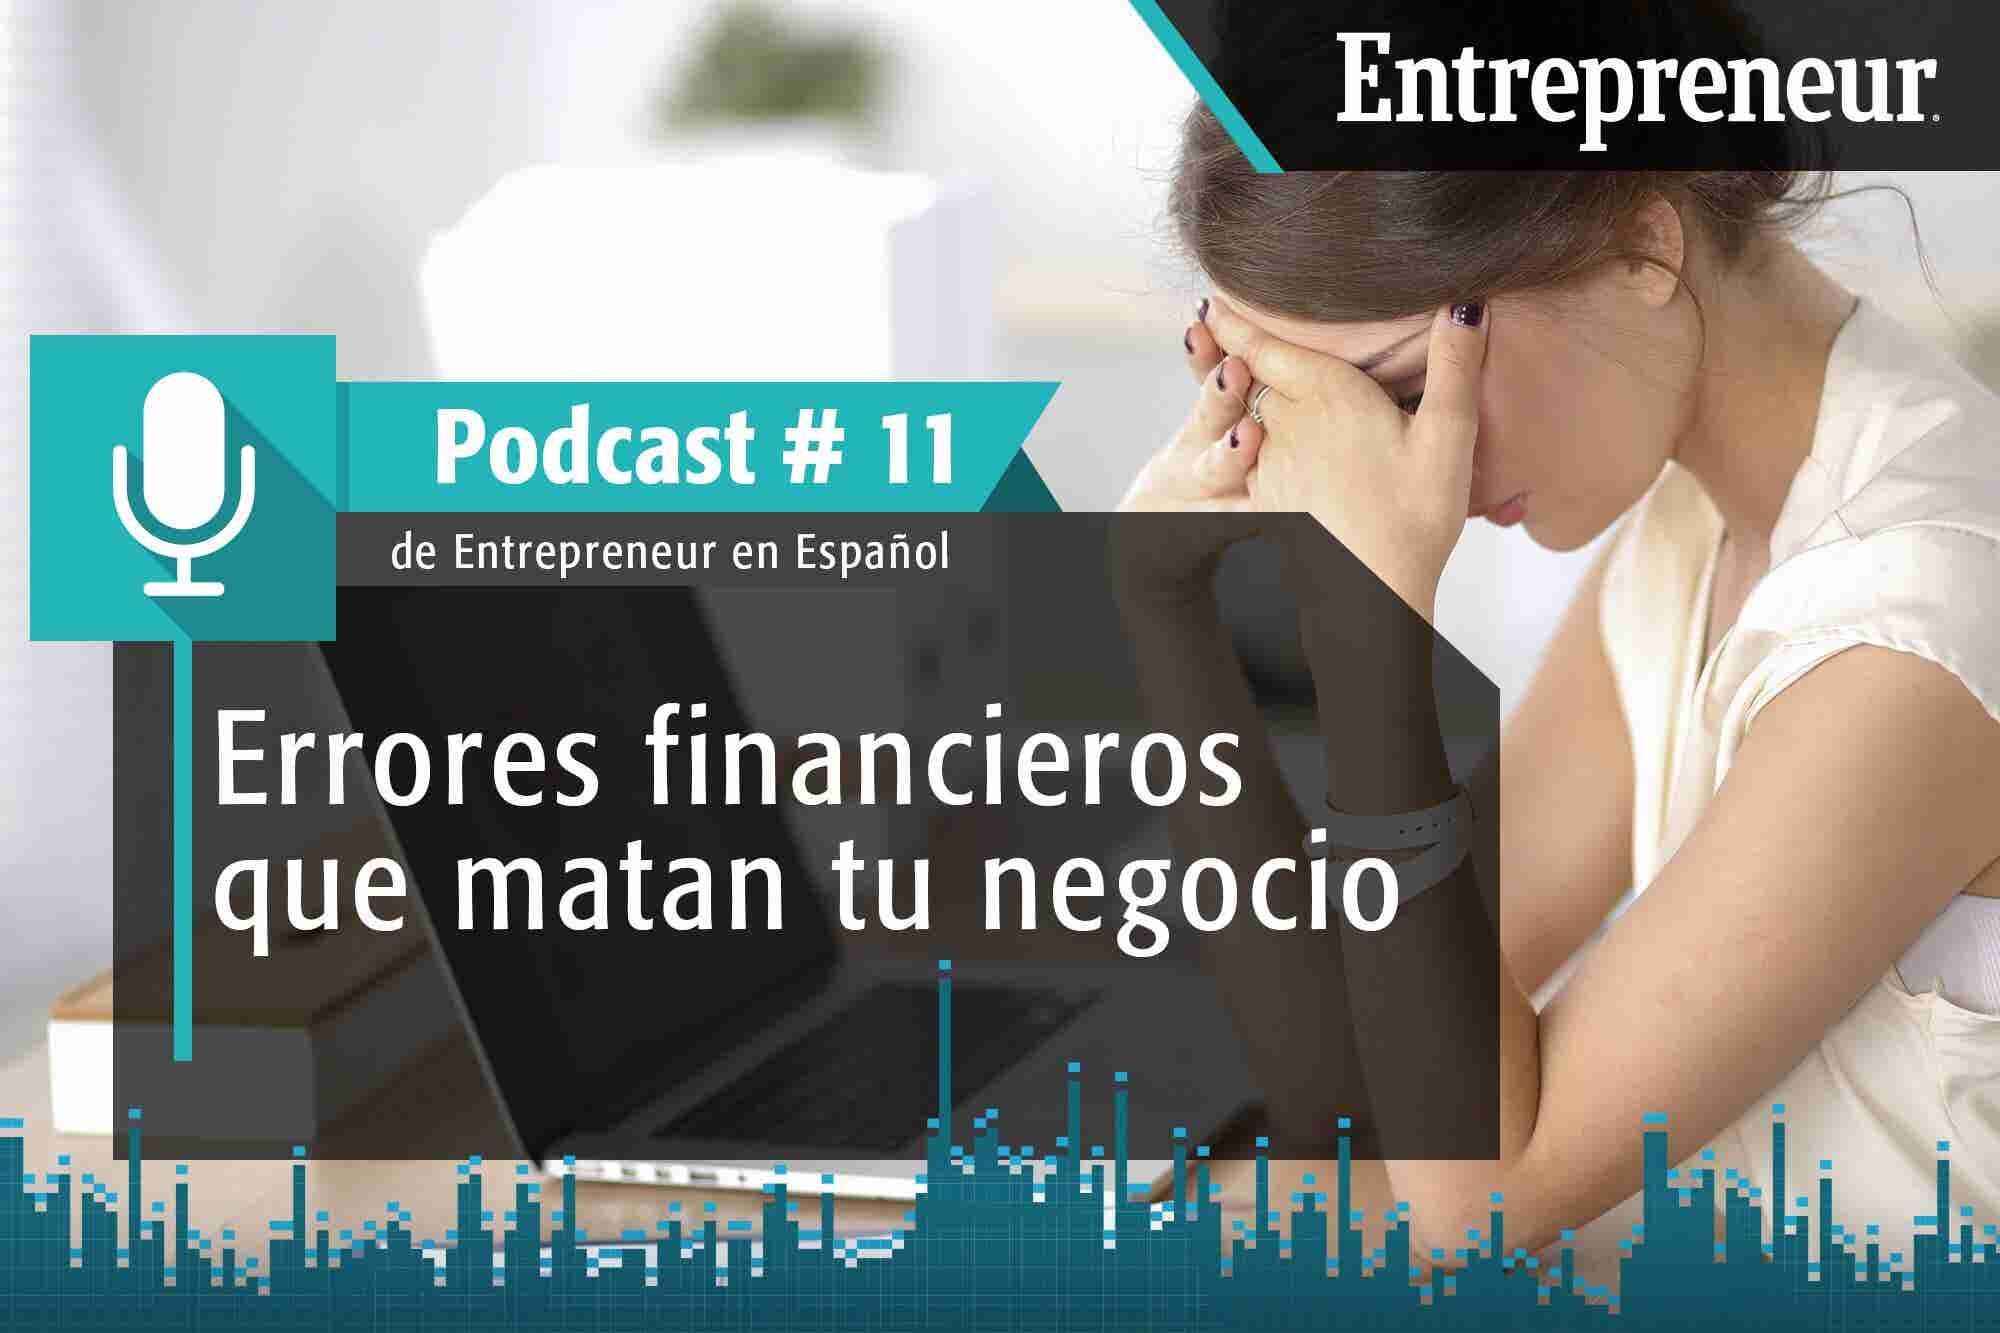 Podcast Entrepreneur # 11: 5 errores de tus finanzas personales que matan tu negocio